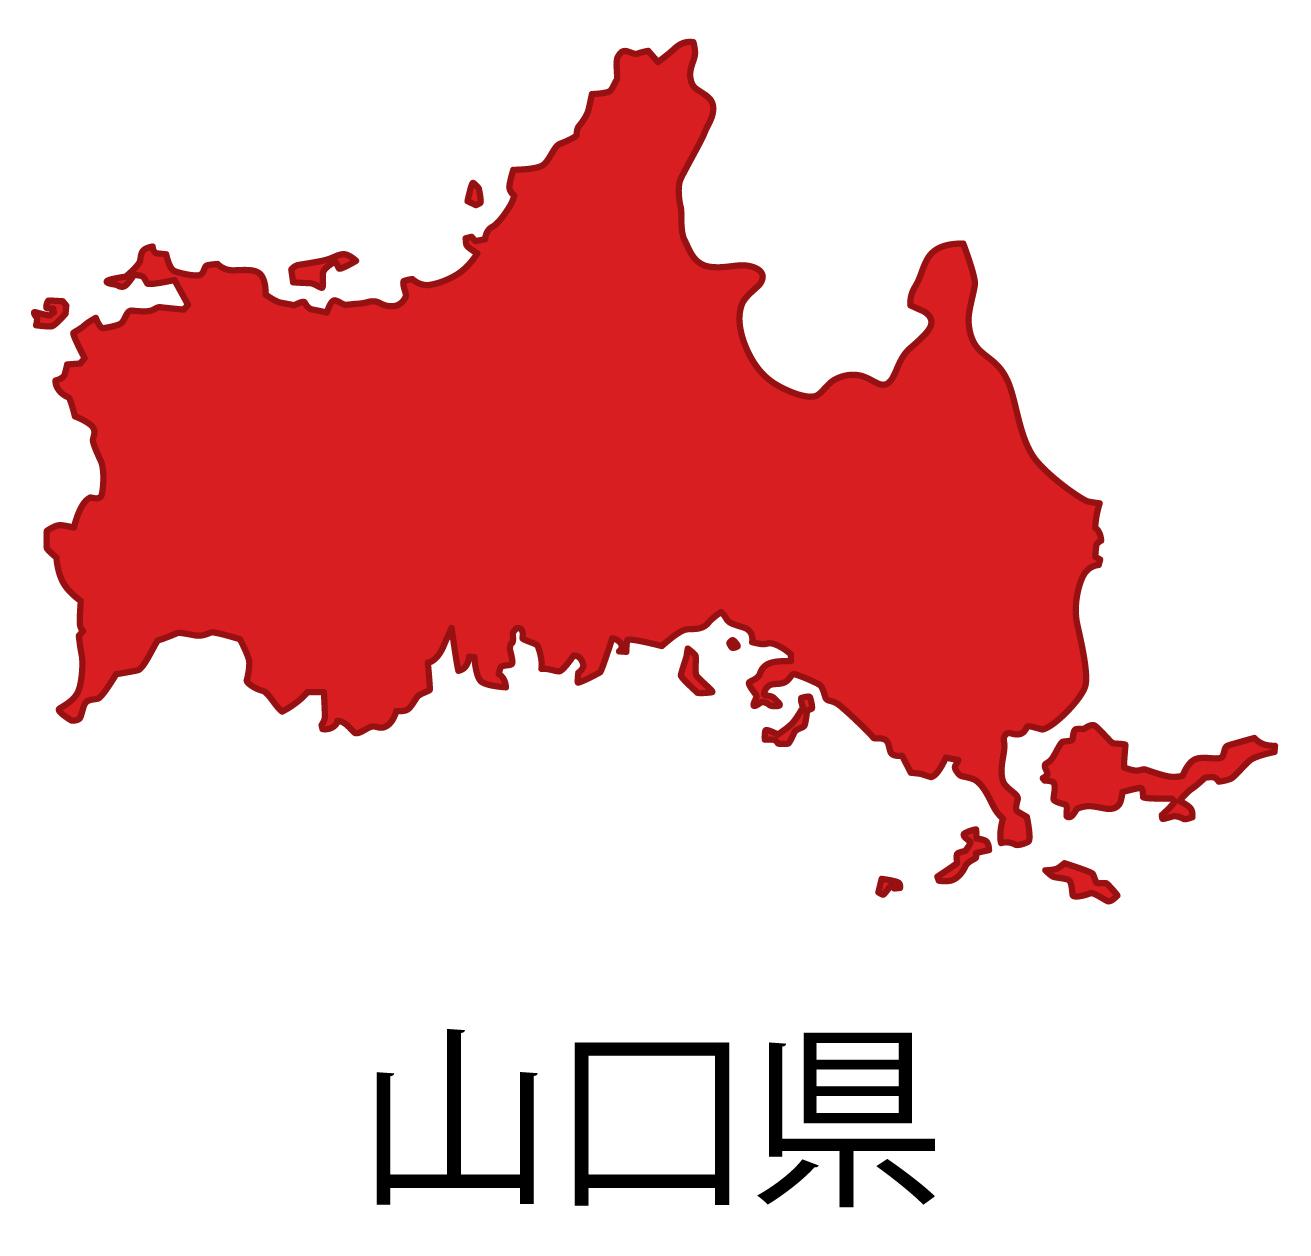 山口県無料フリーイラスト|日本語・都道府県名あり(赤)